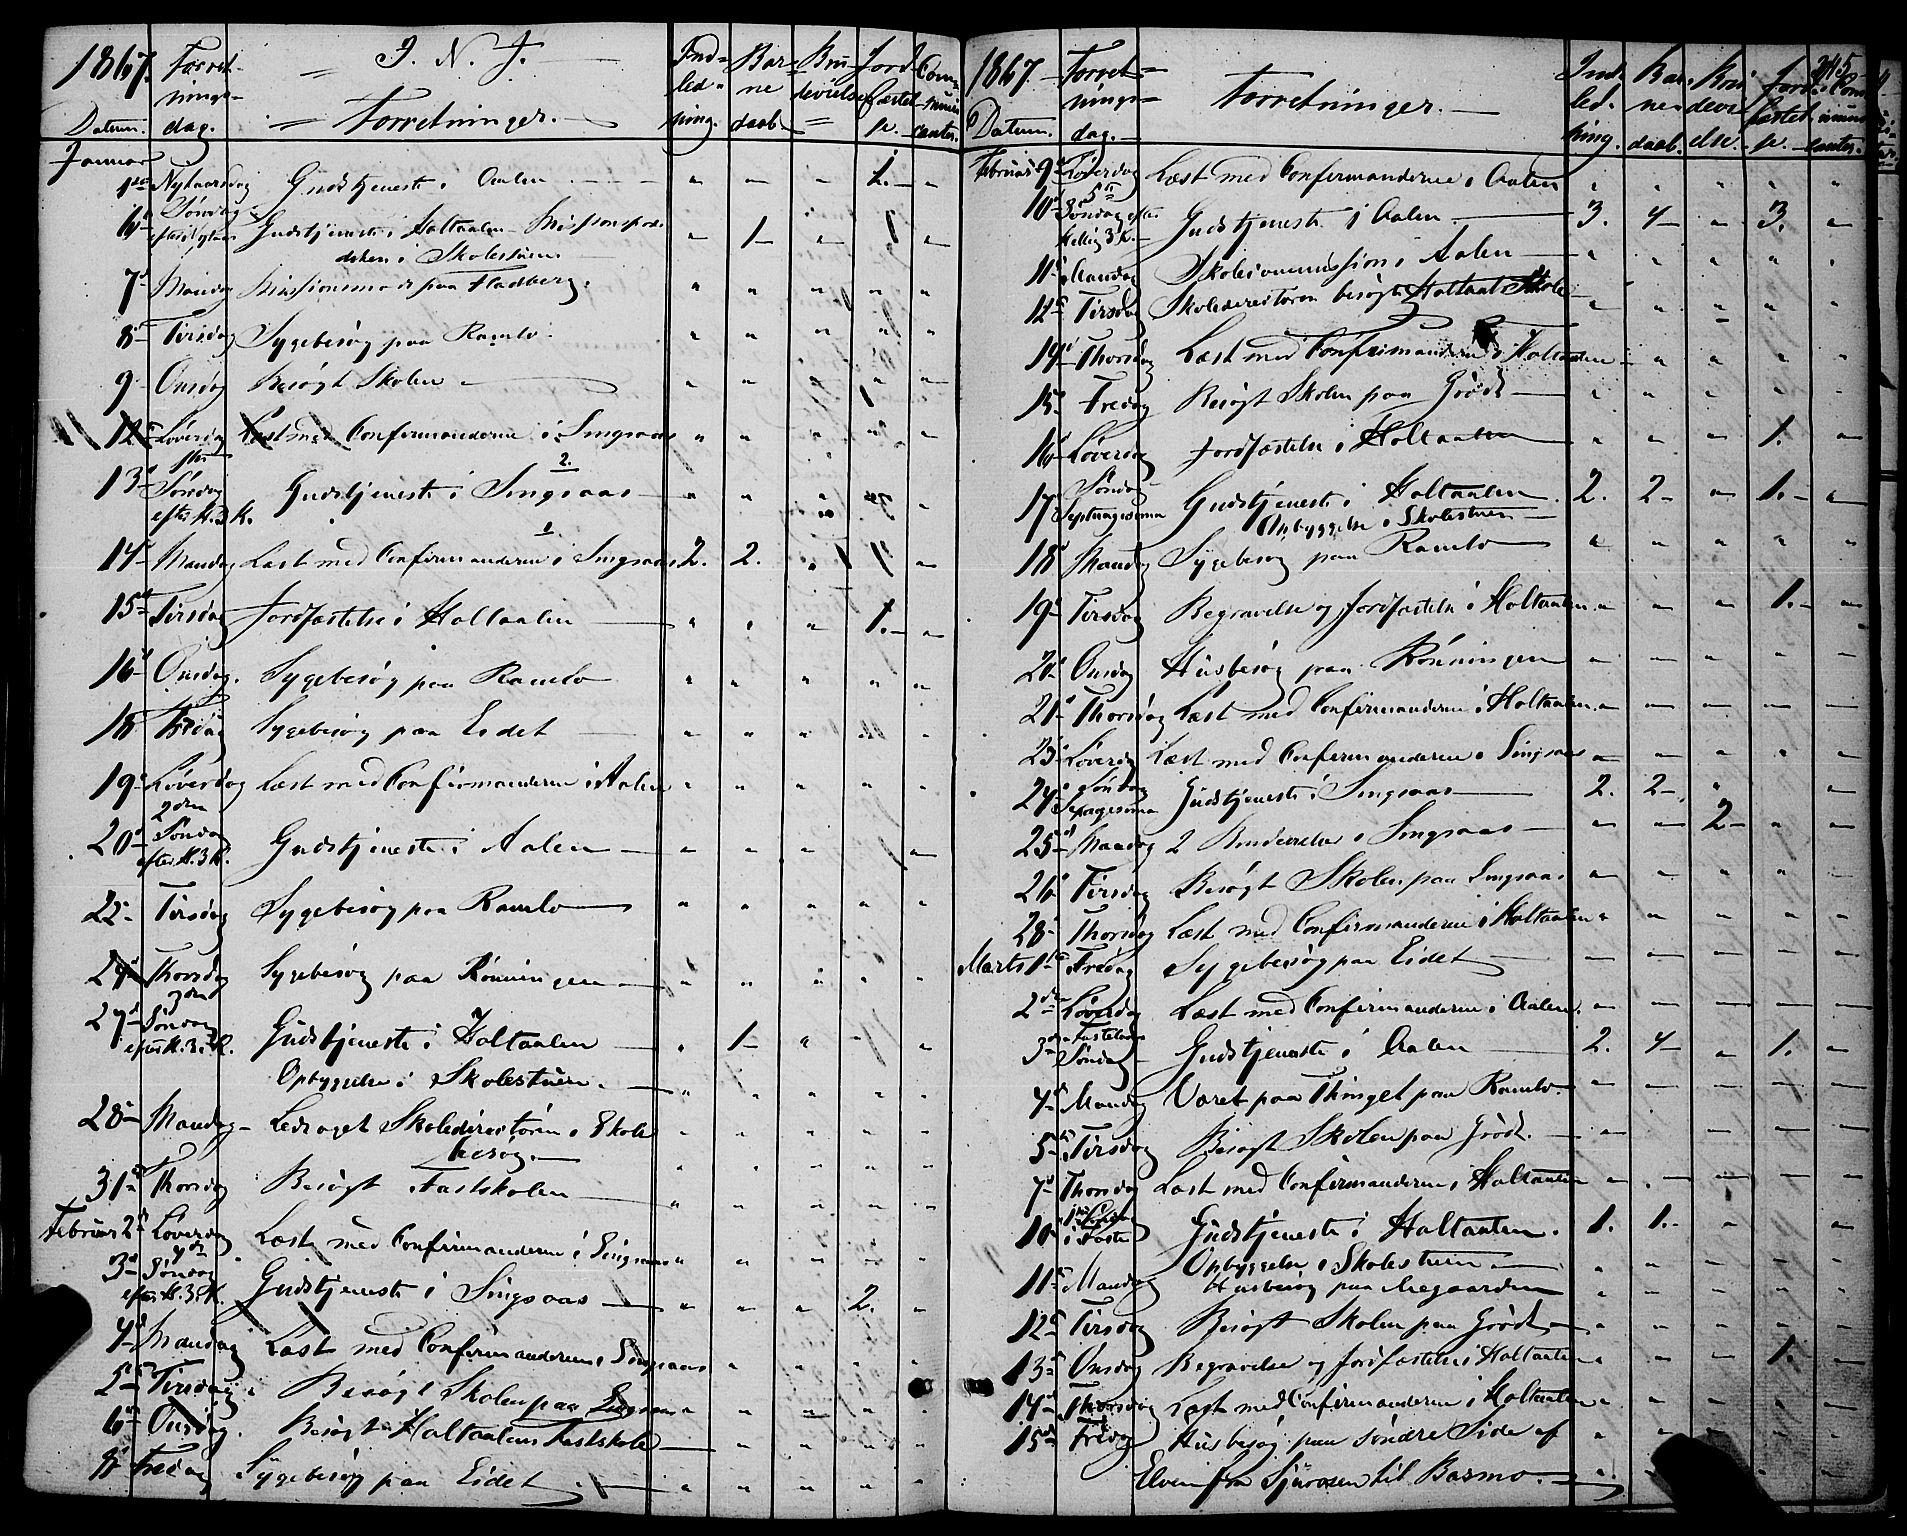 SAT, Ministerialprotokoller, klokkerbøker og fødselsregistre - Sør-Trøndelag, 685/L0966: Ministerialbok nr. 685A07 /1, 1860-1869, s. 345